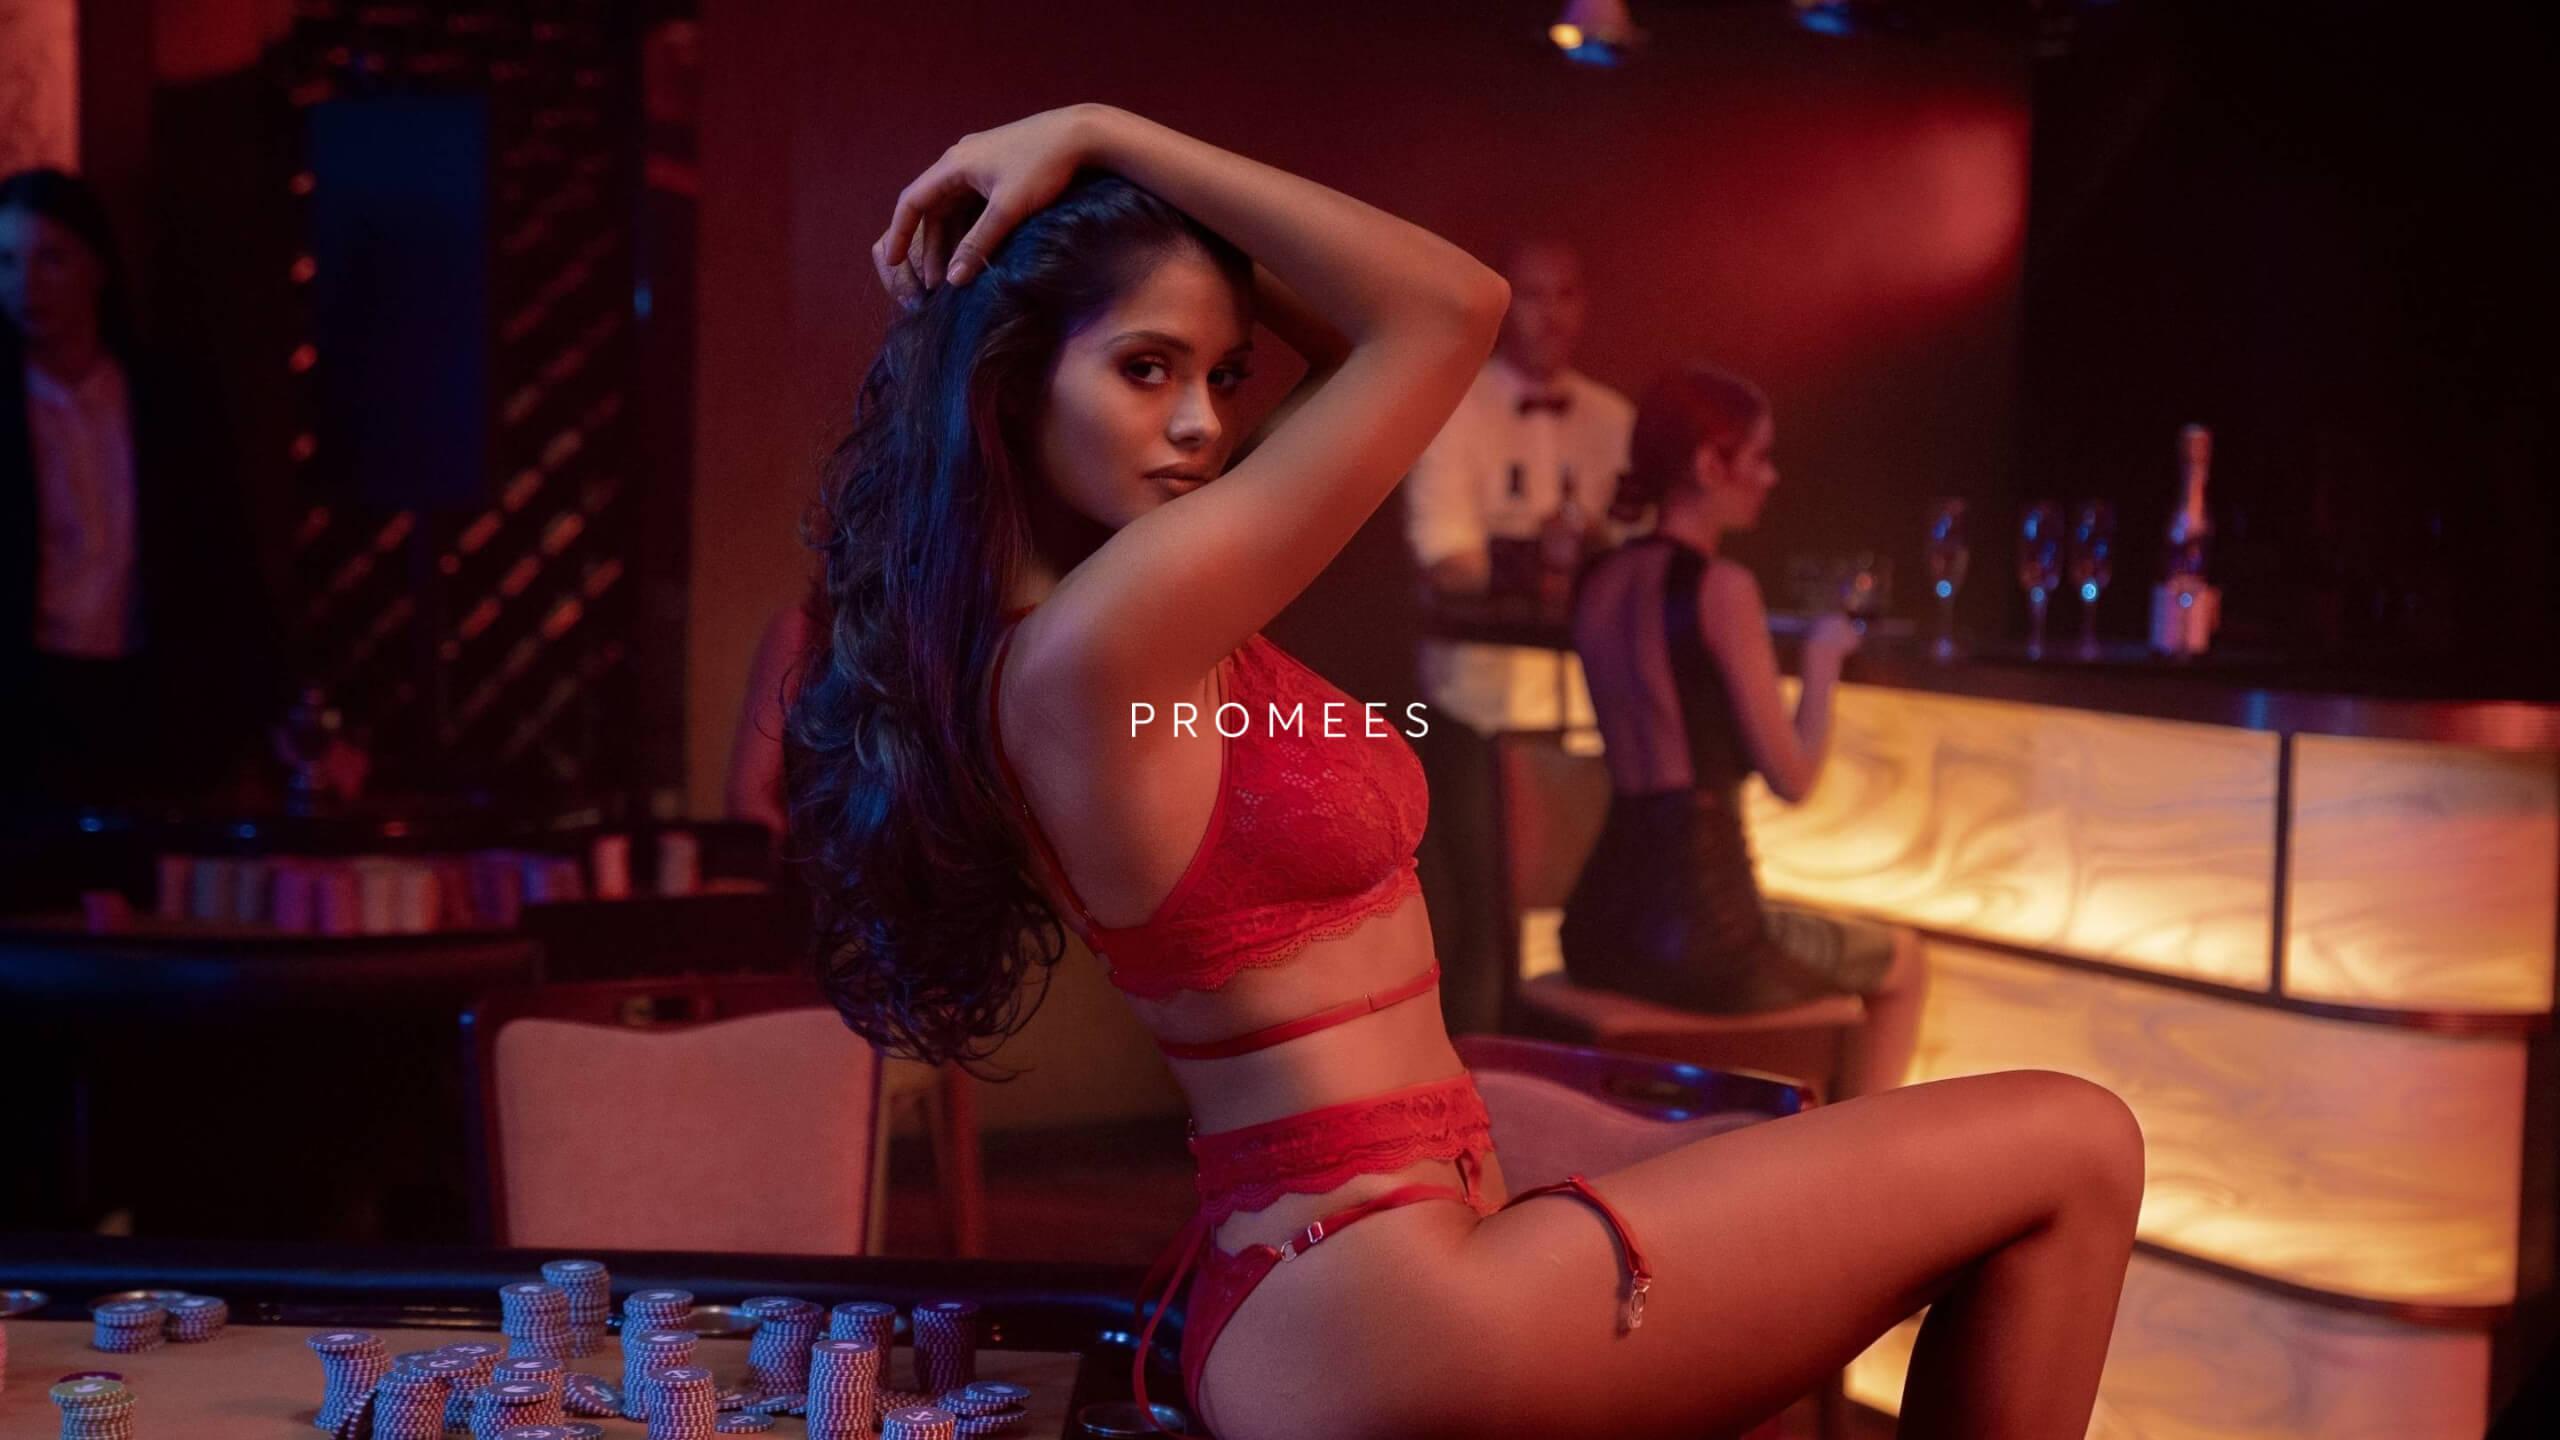 Promees - Sklep internetowy PrestaShop